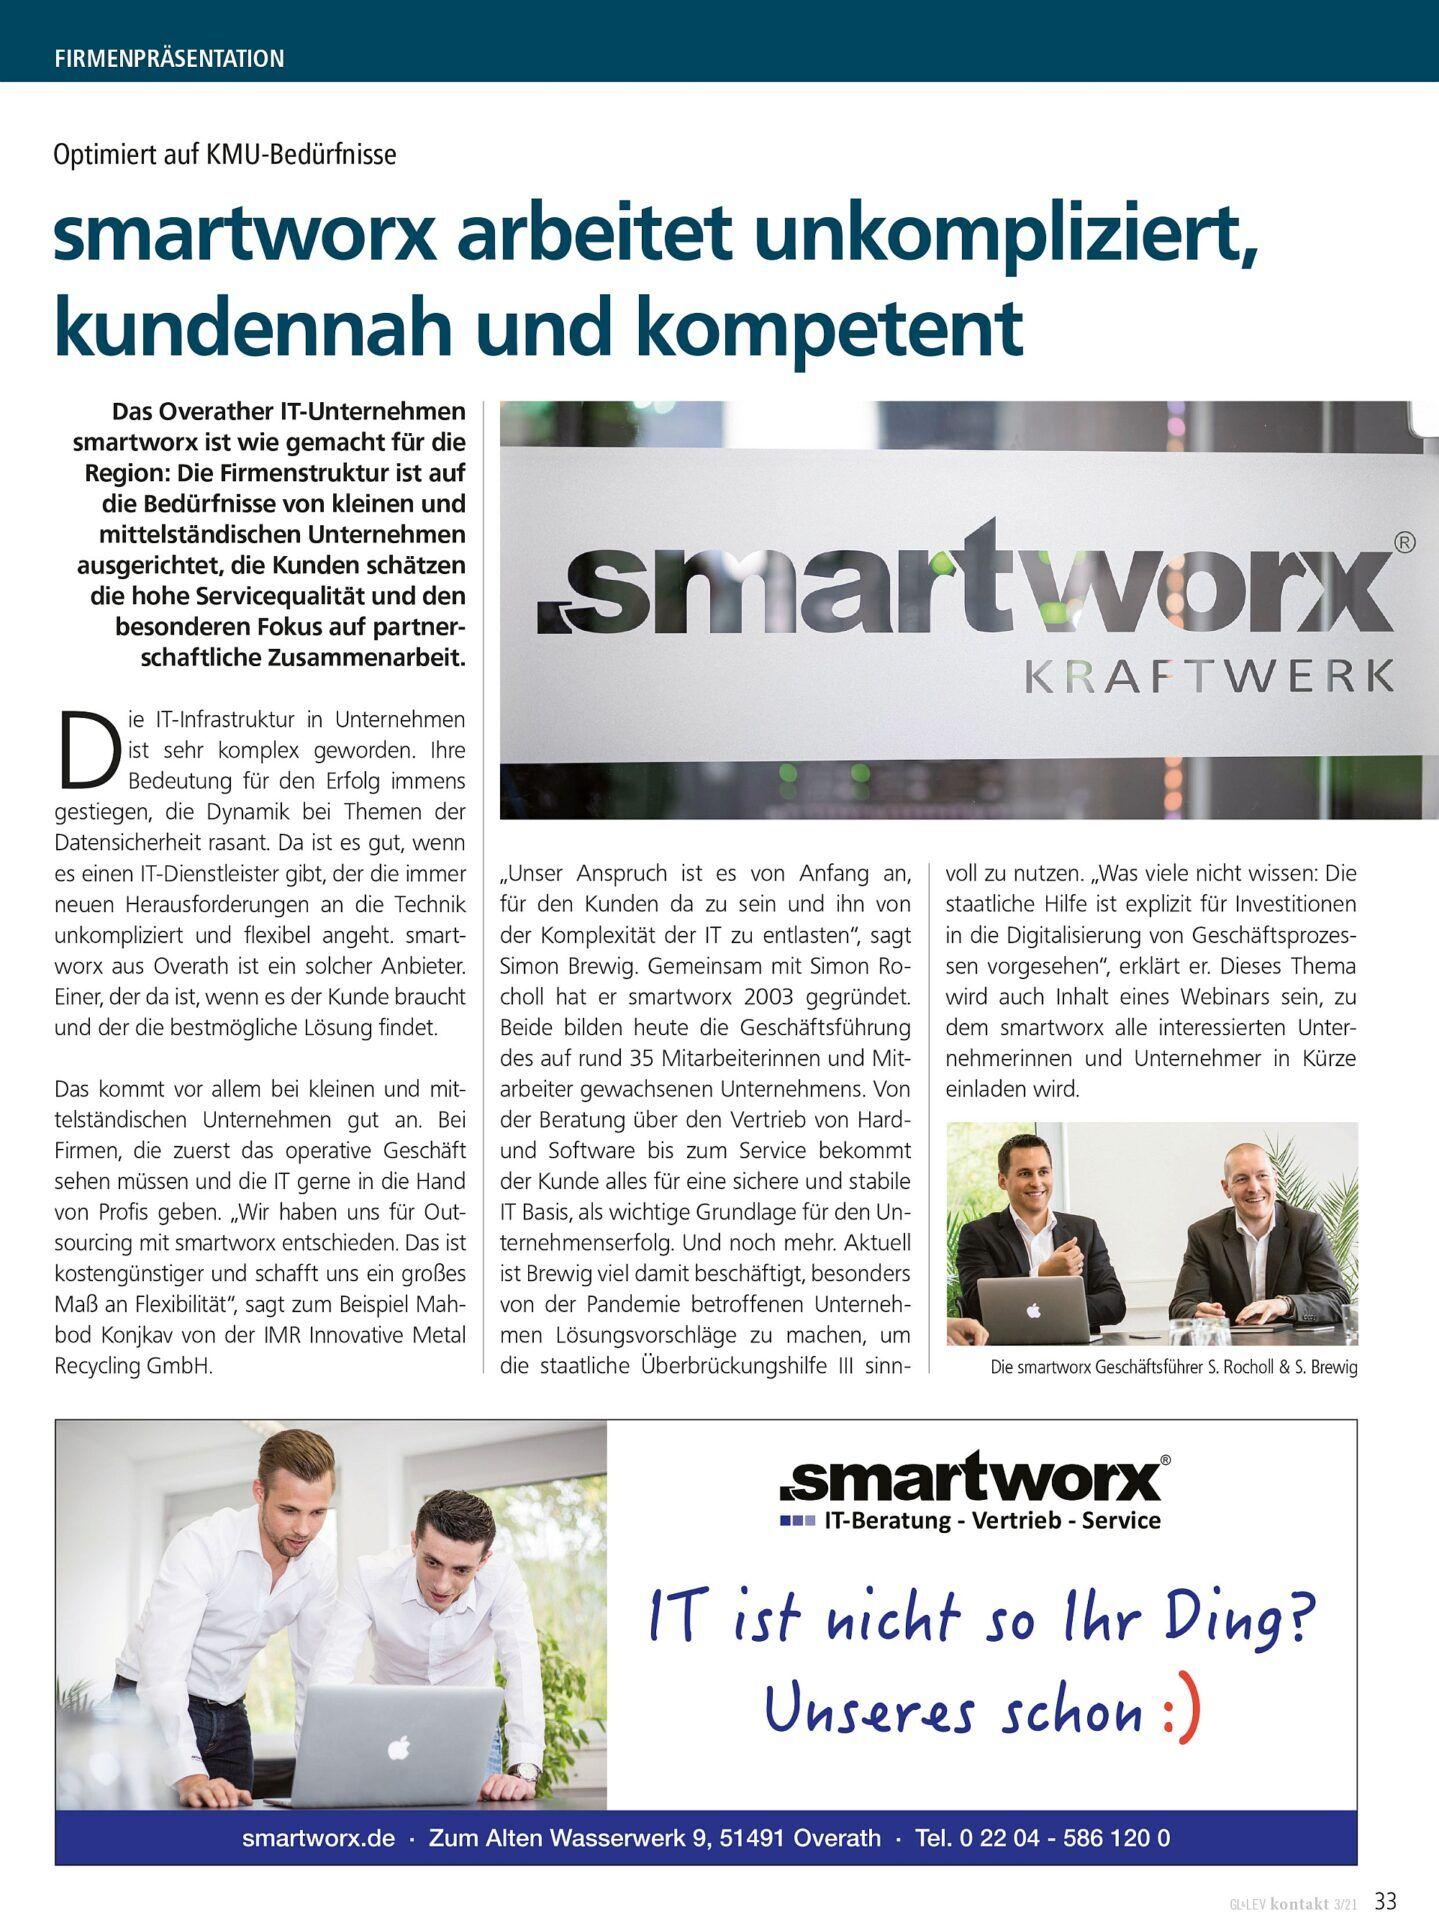 smartworx in der GL-LEV Kontakt